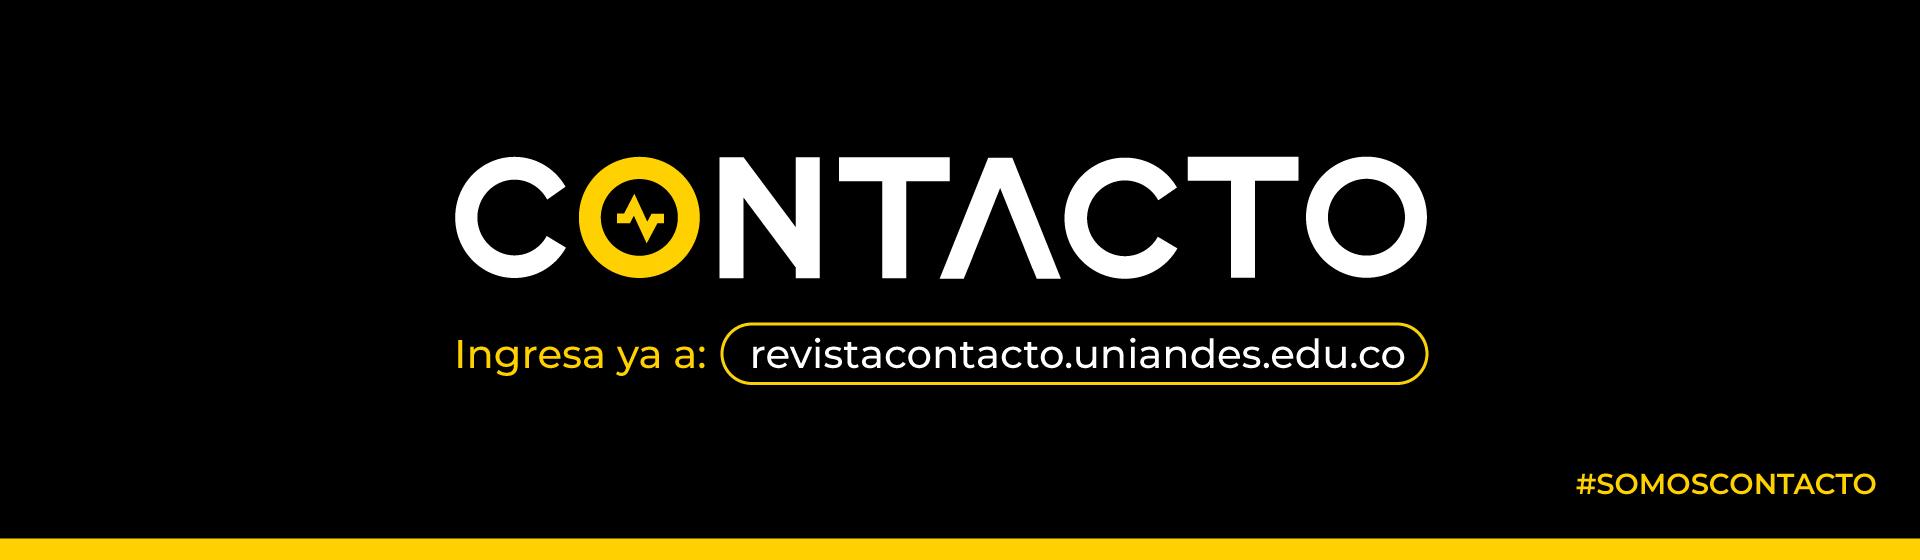 CONTACTO: el nuevo portal multimedia de la Facultad de Ingeniería